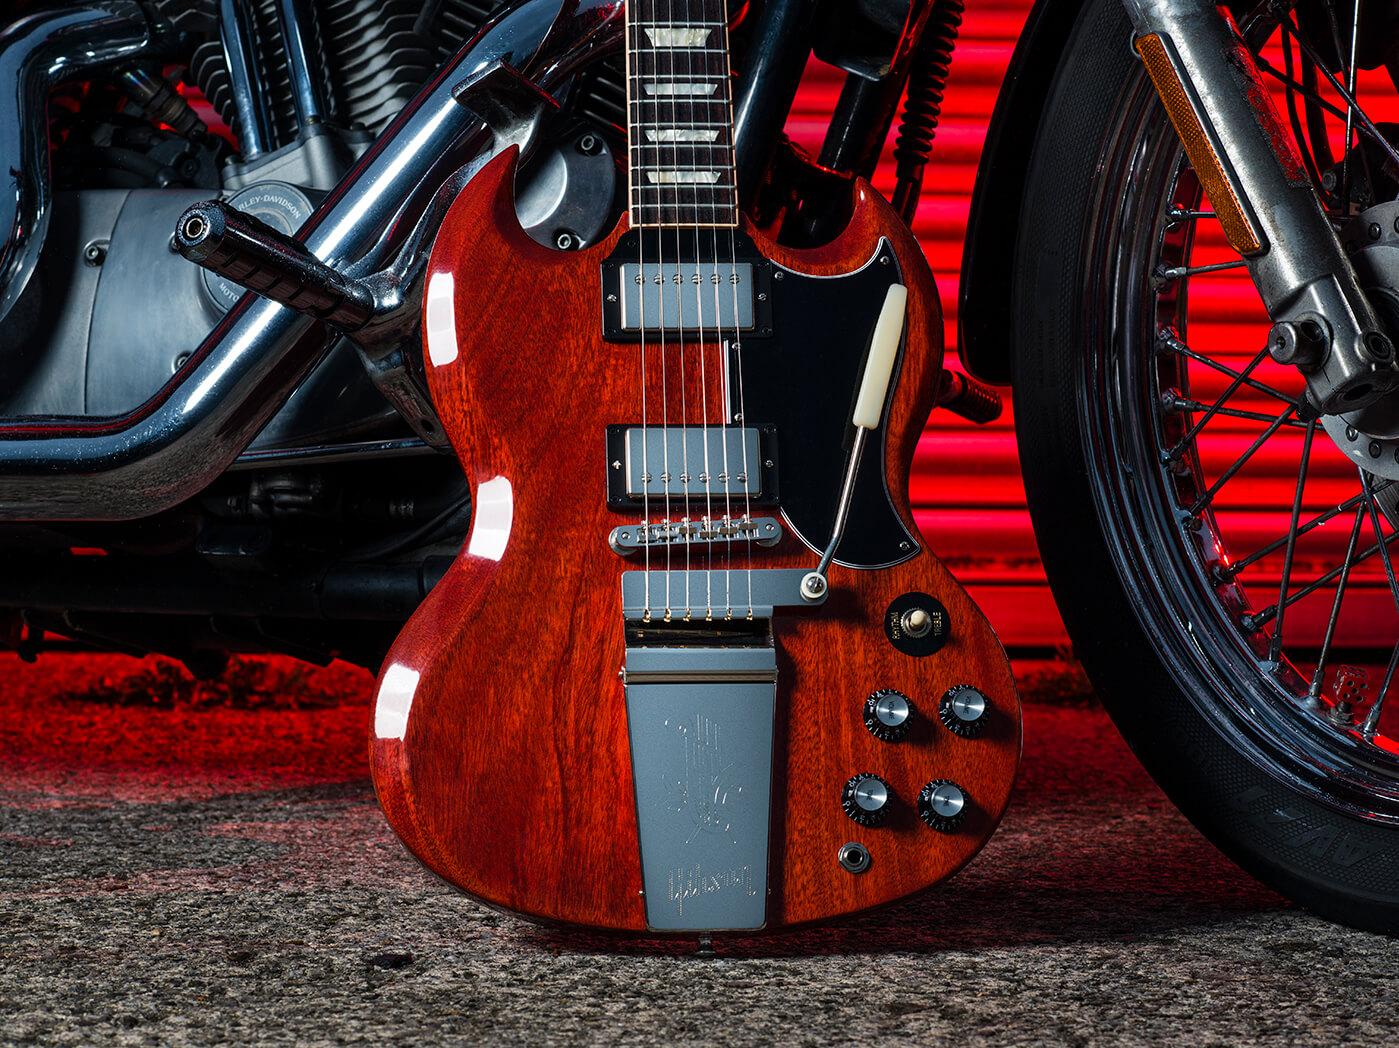 Gibson SG 2019